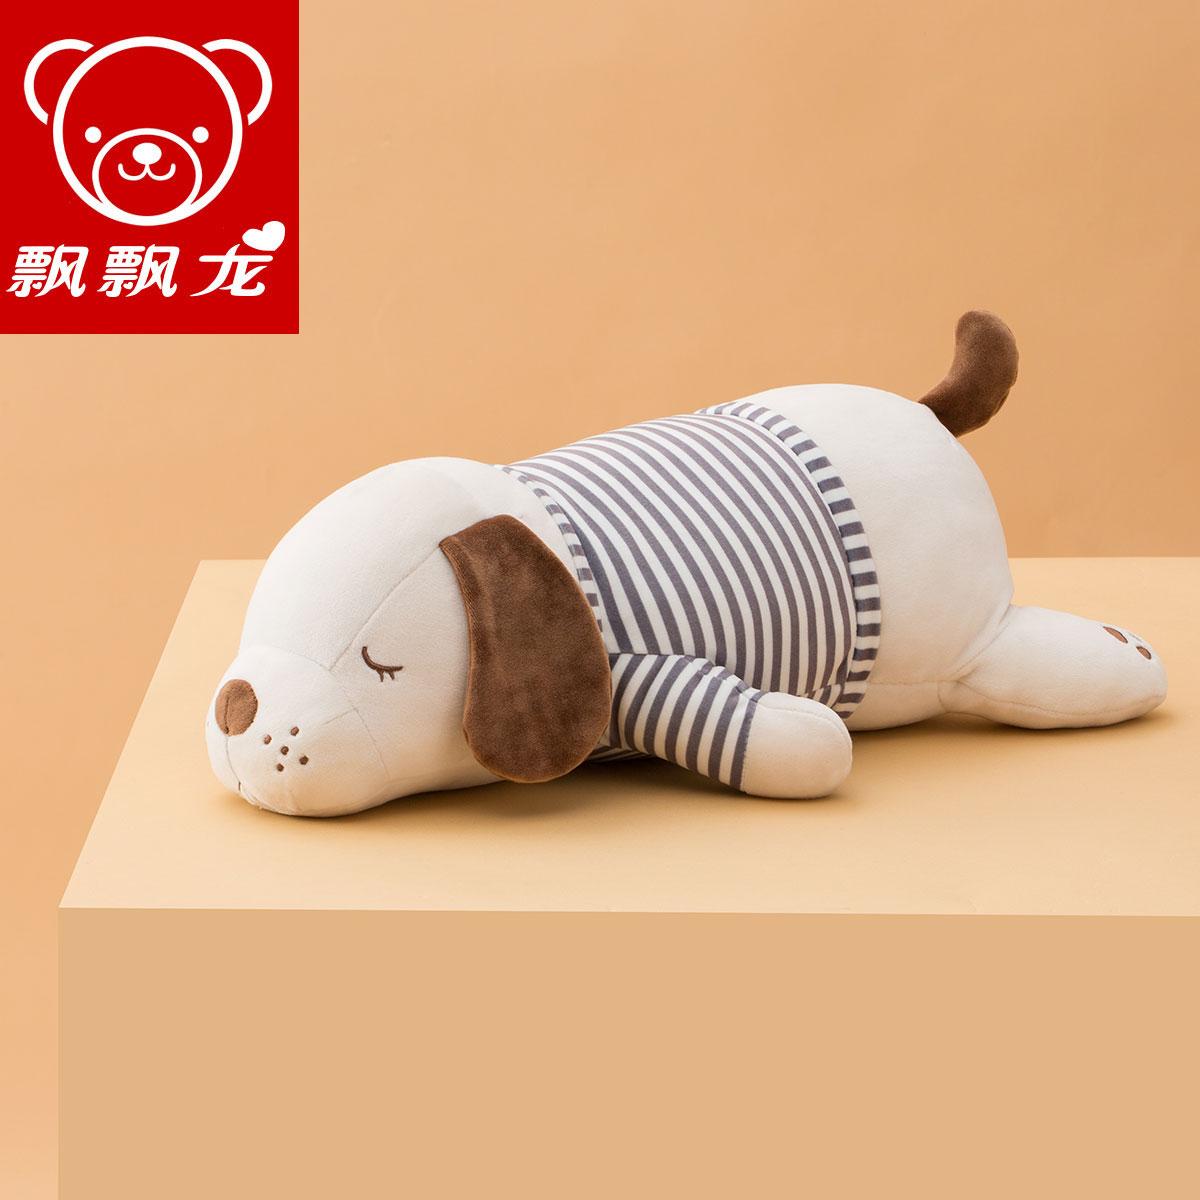 毛绒玩具可爱超萌床上睡觉夹腿抱枕靠垫长条枕趴趴狗小布娃娃公仔